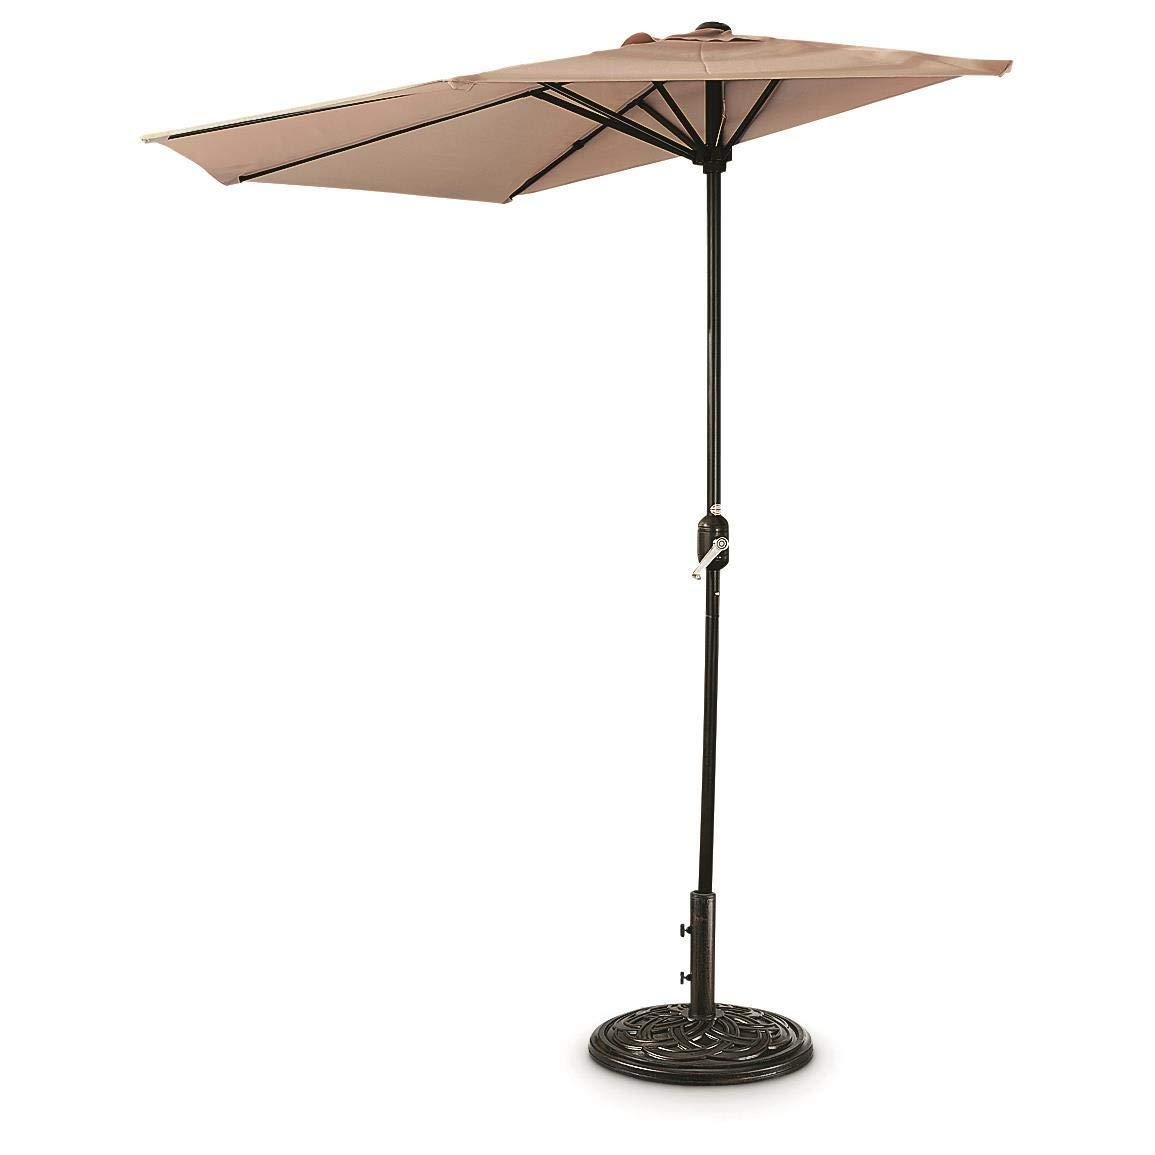 Etonnant Amazon.com : CASTLECREEK 8u0027 Half Round Patio Umbrella, Khaki : Garden U0026  Outdoor